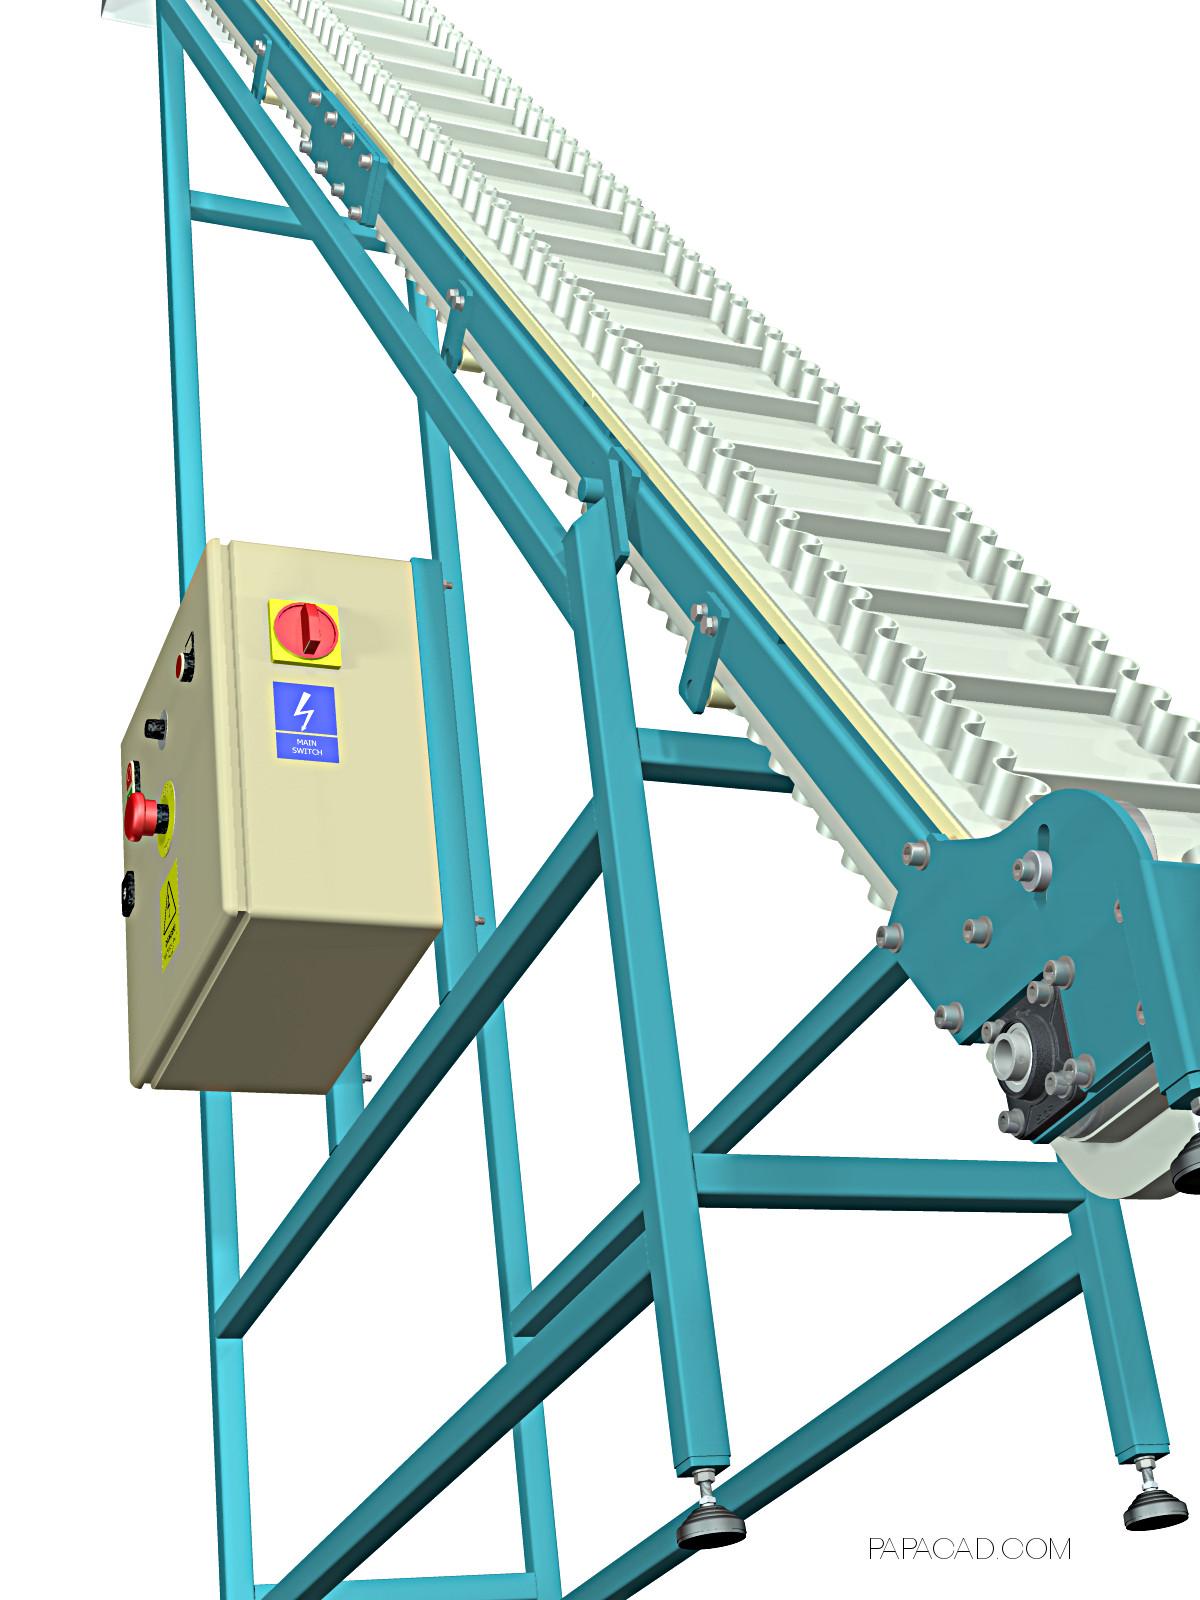 ConTecH Conveyor Systems